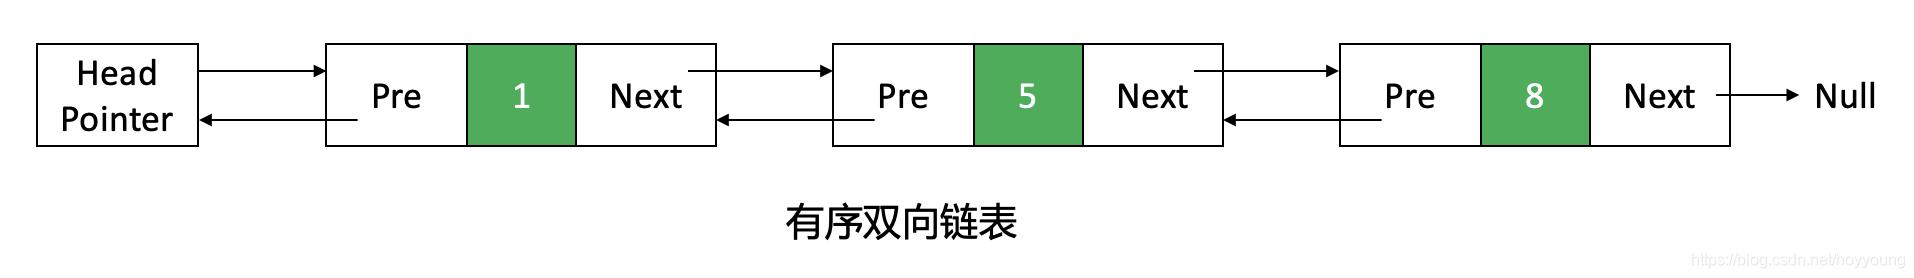 有序双向链表示意图